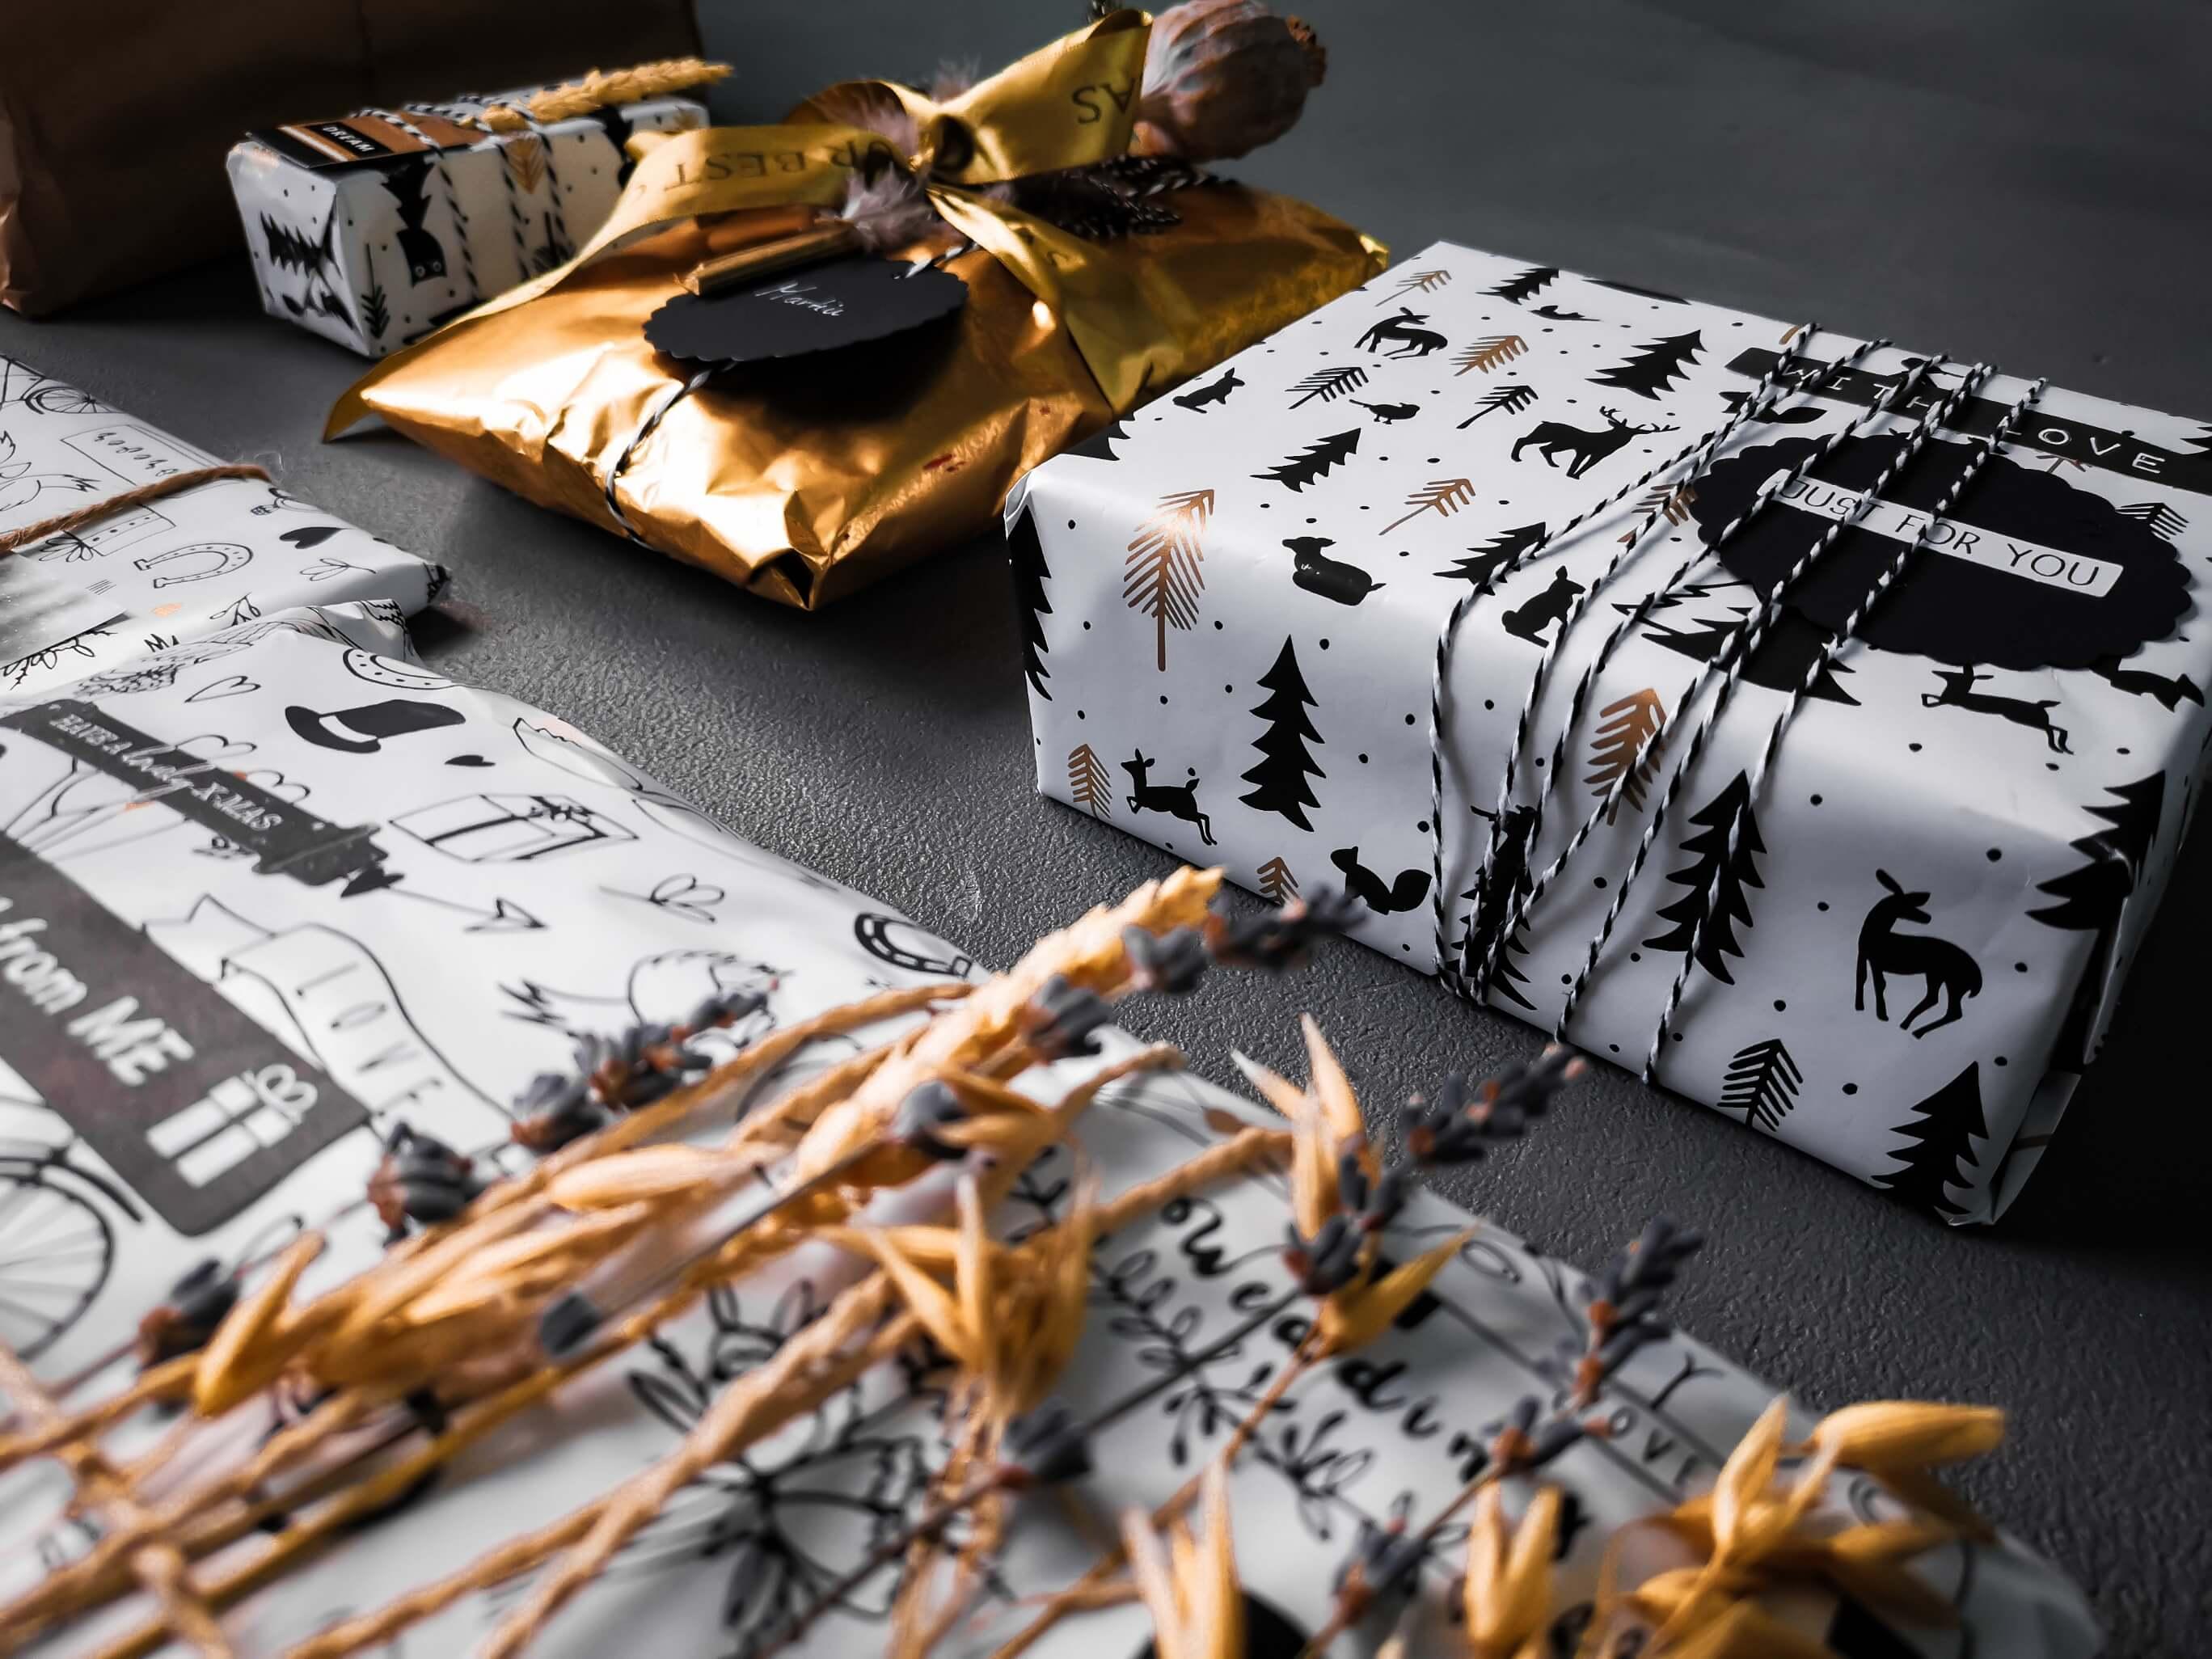 IMG 20191207 110639 resized 20191208 060332651 - Geschenke verpacken: 11 kreative Tipps zum Selbermachen